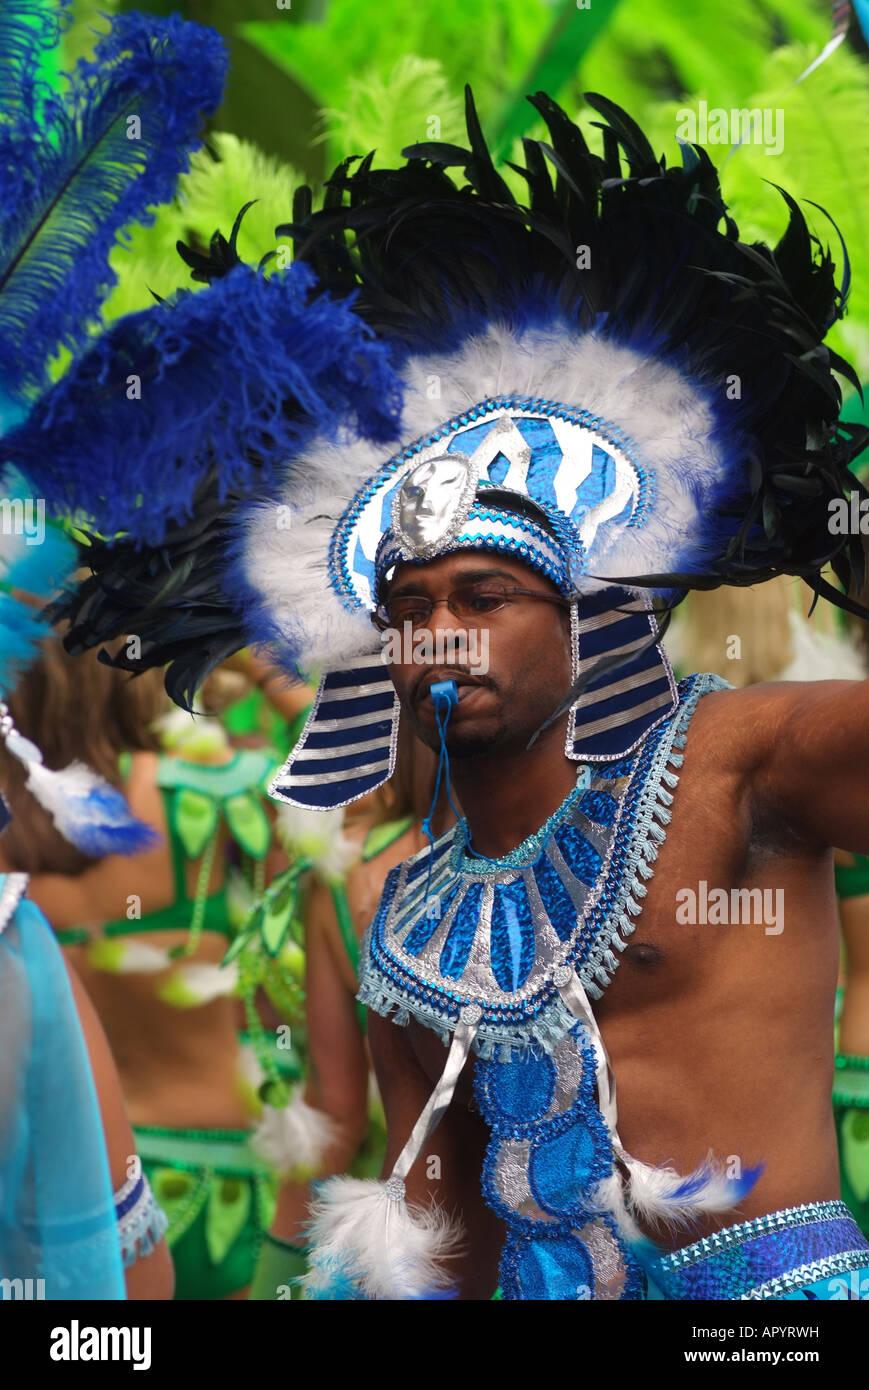 Canadá Quebec Montreal carifest un Desfile del Festival de las naciones del Caribe y las islas Imagen De Stock